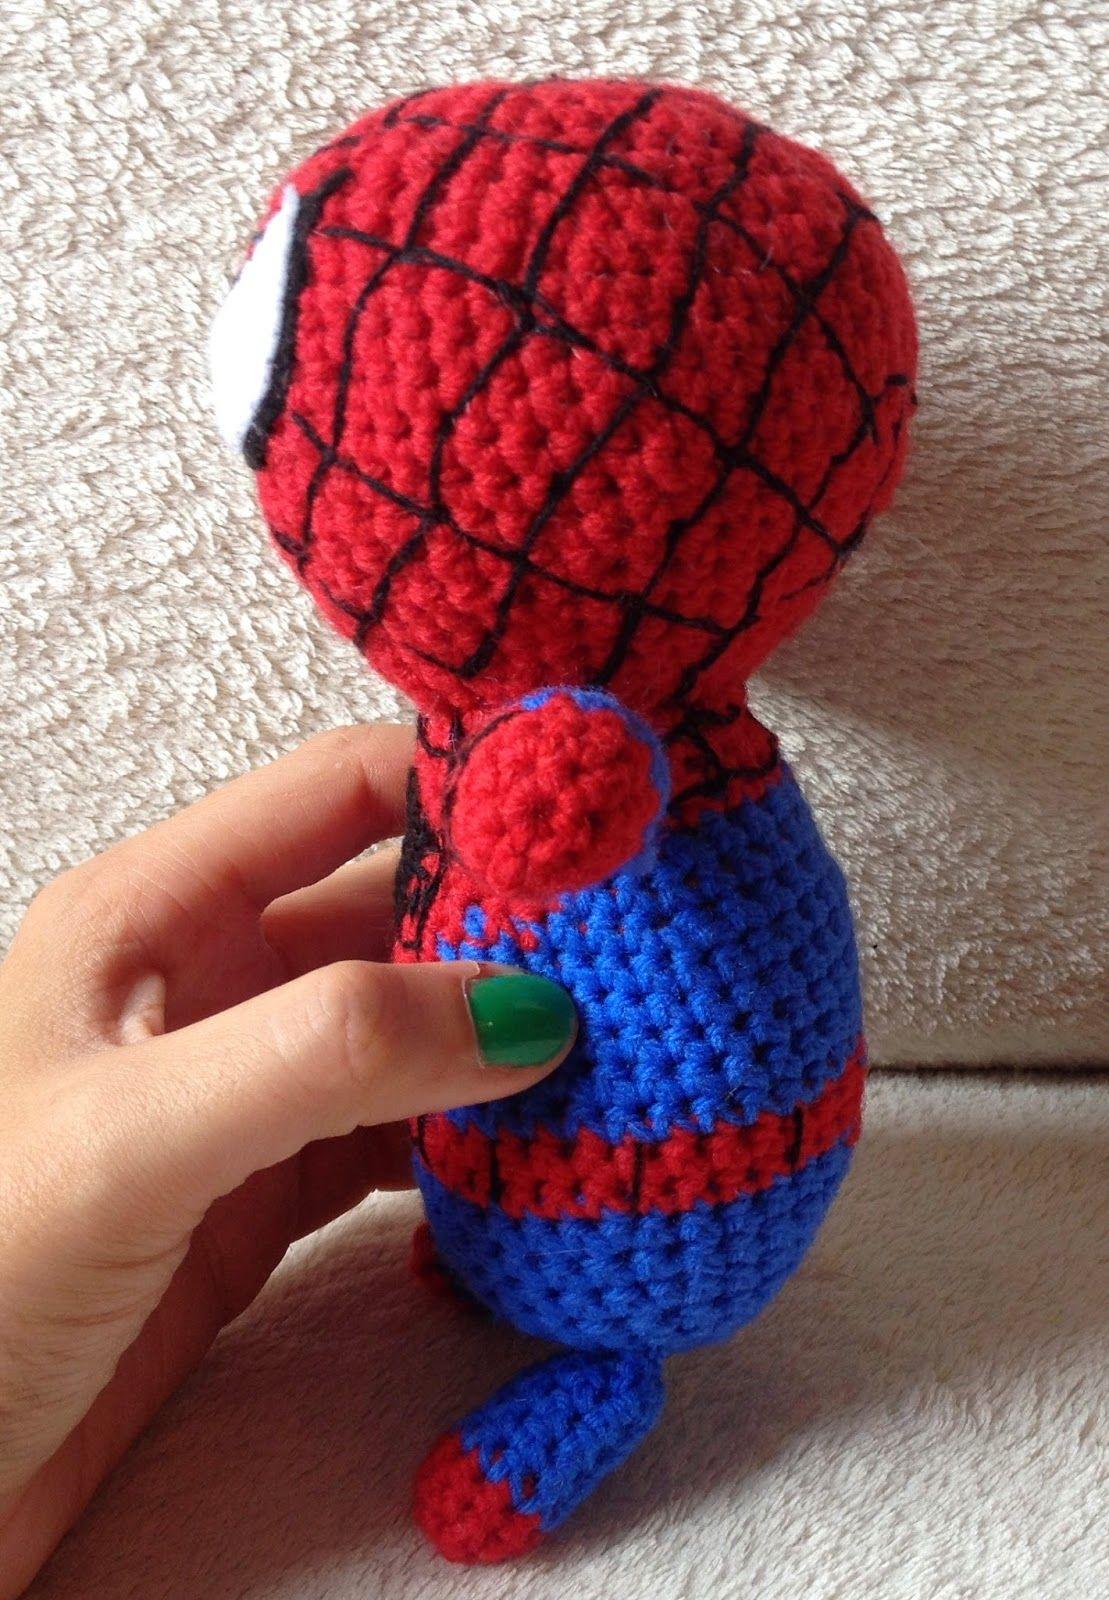 Erfreut Spiderman Crochet Pattern Bilder - Strickmuster-Ideen ...